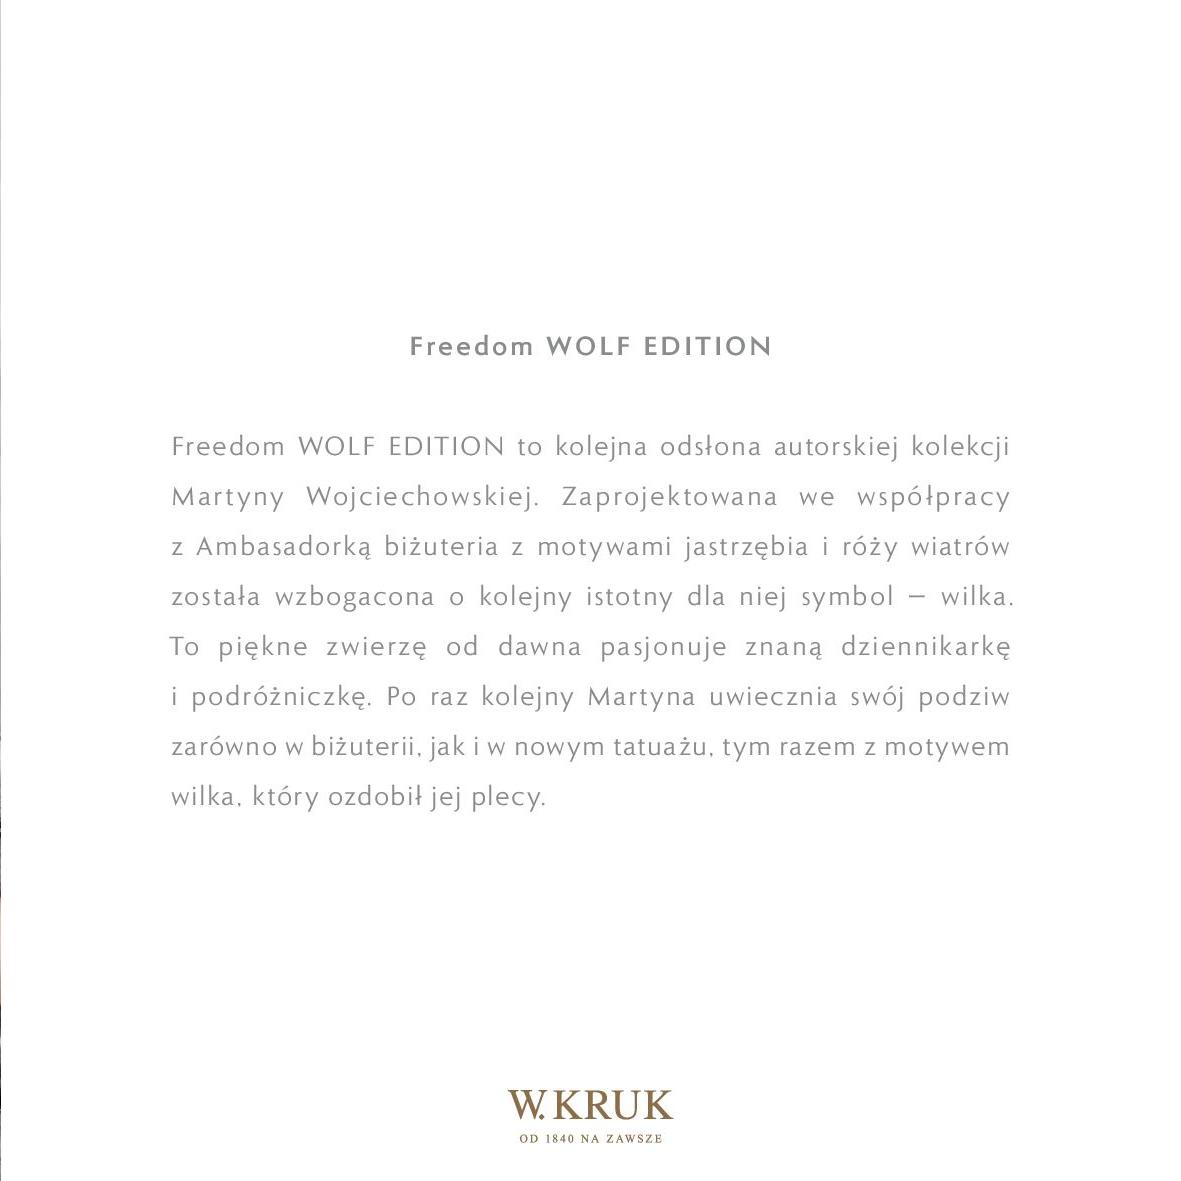 Gazetka W. KRUK: Katalog - Freedom Wolf 2021-02-17 page-5